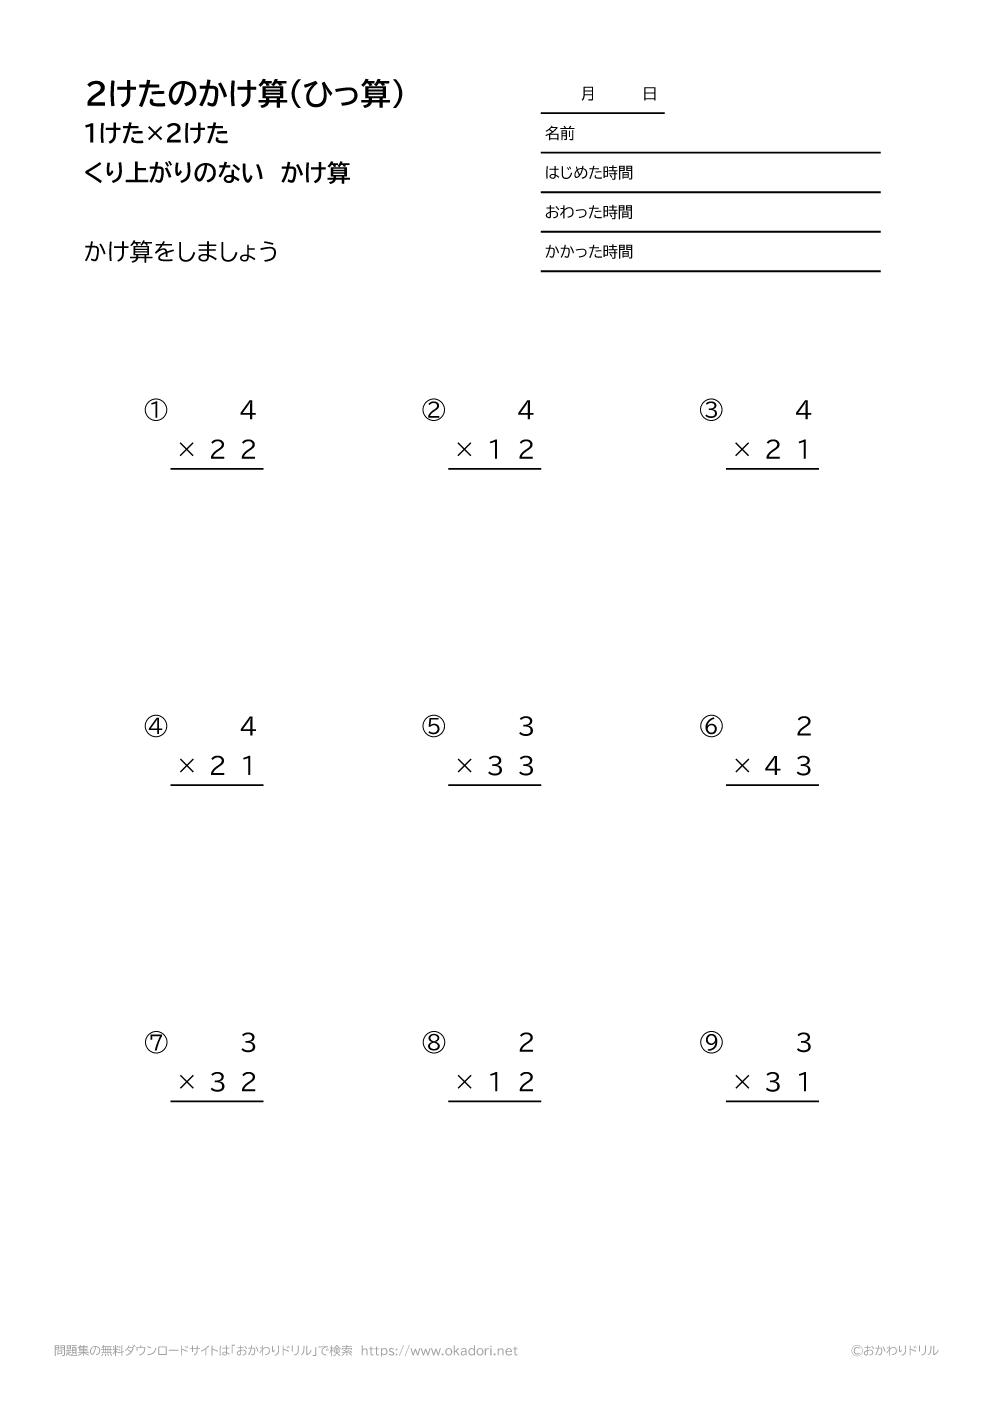 1桁×2桁の繰り上がりの無い掛け算の筆算3